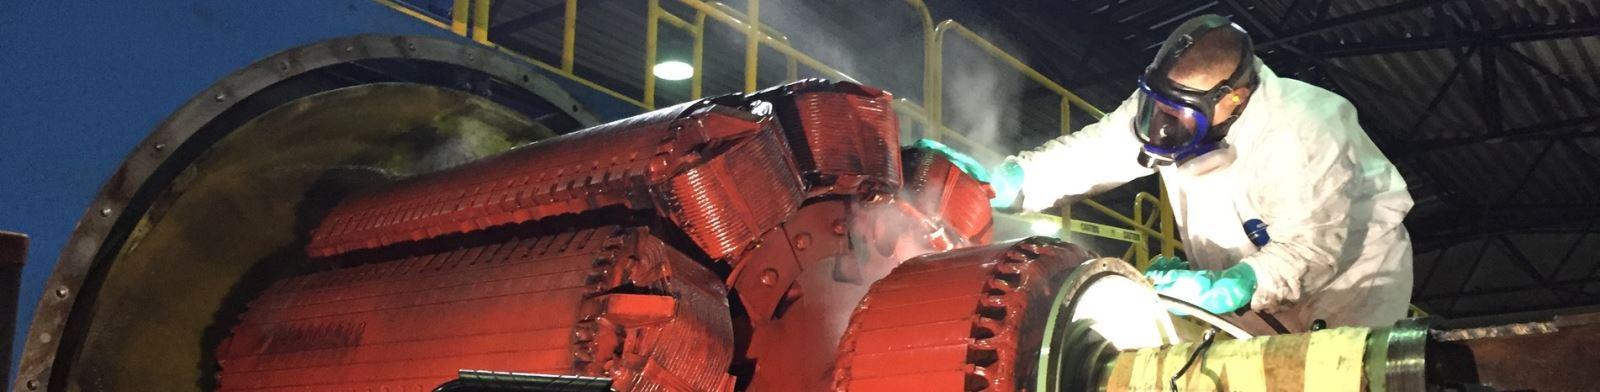 Large Utility/Turbine Generator Repair